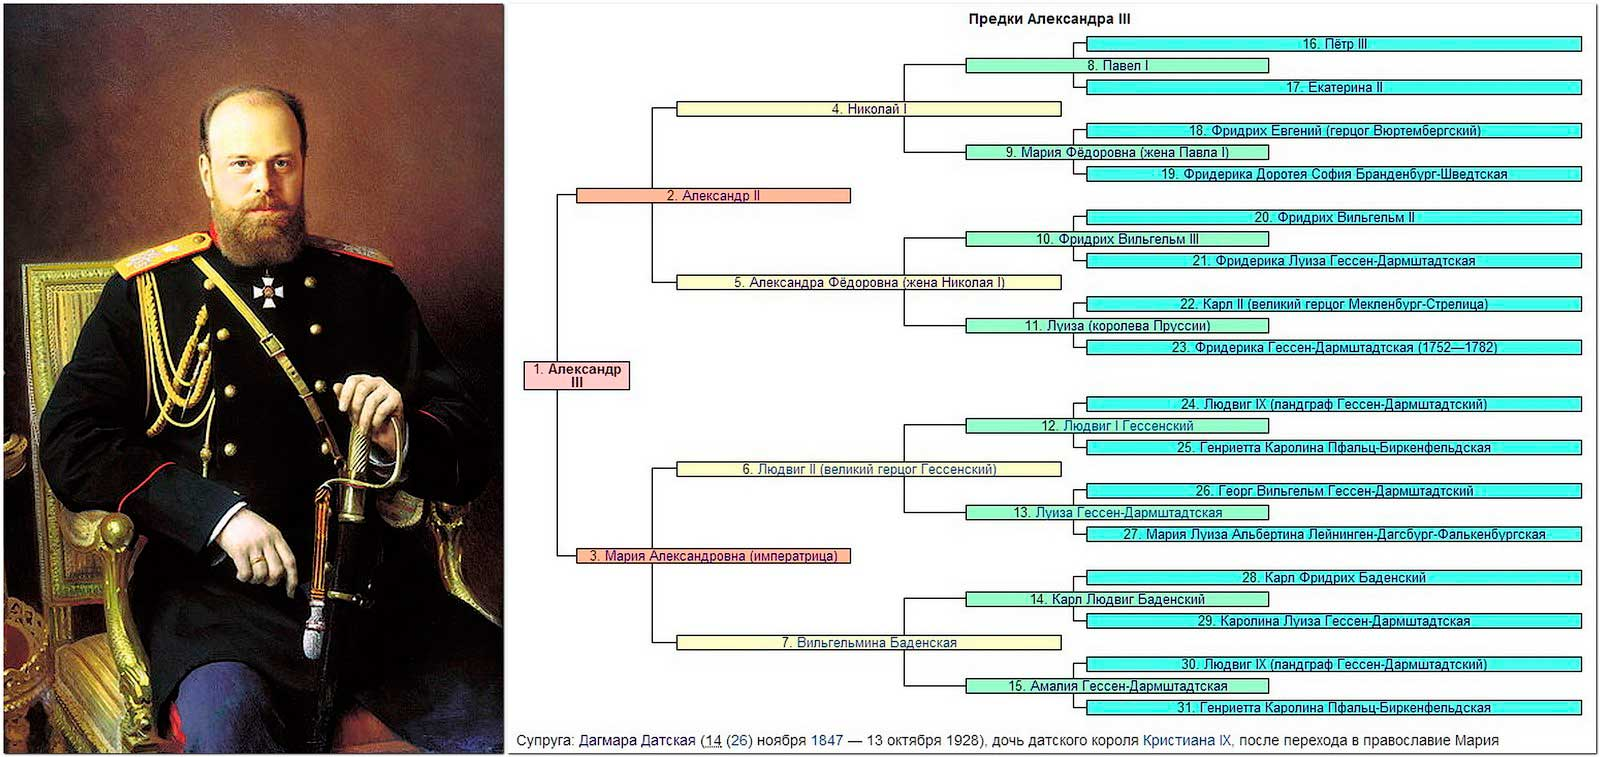 Родословная дедушки Александра (последней царской княжны Анастасии Николаевны Романовой).